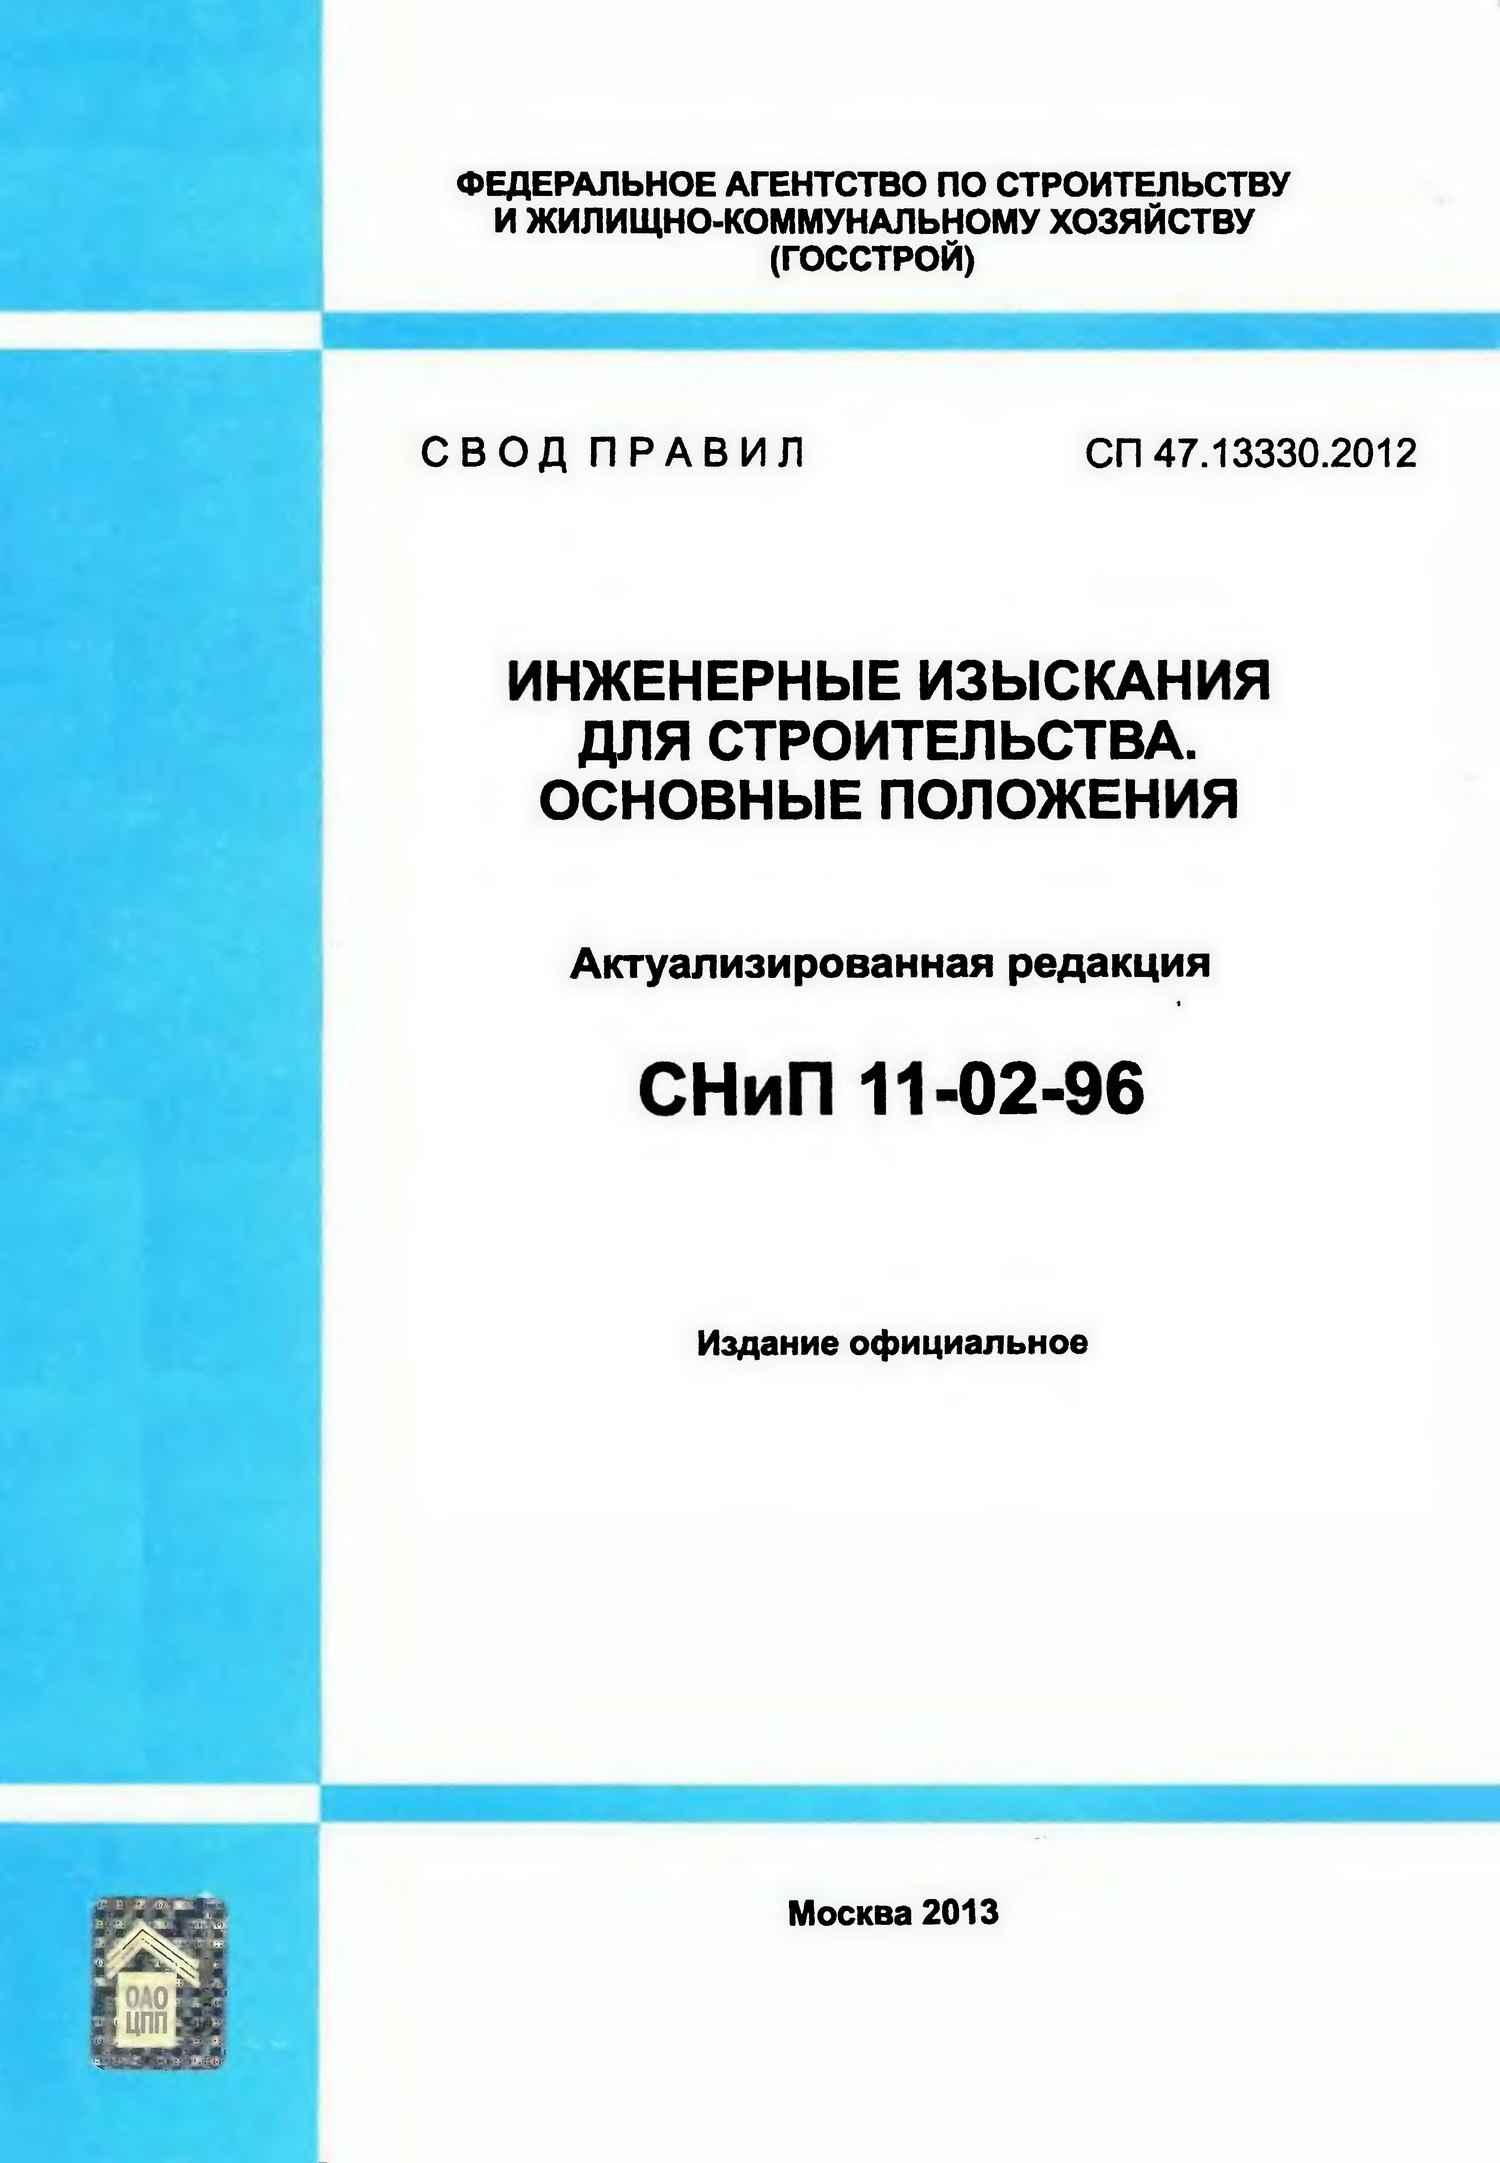 Скачать сп 47.13330 2012